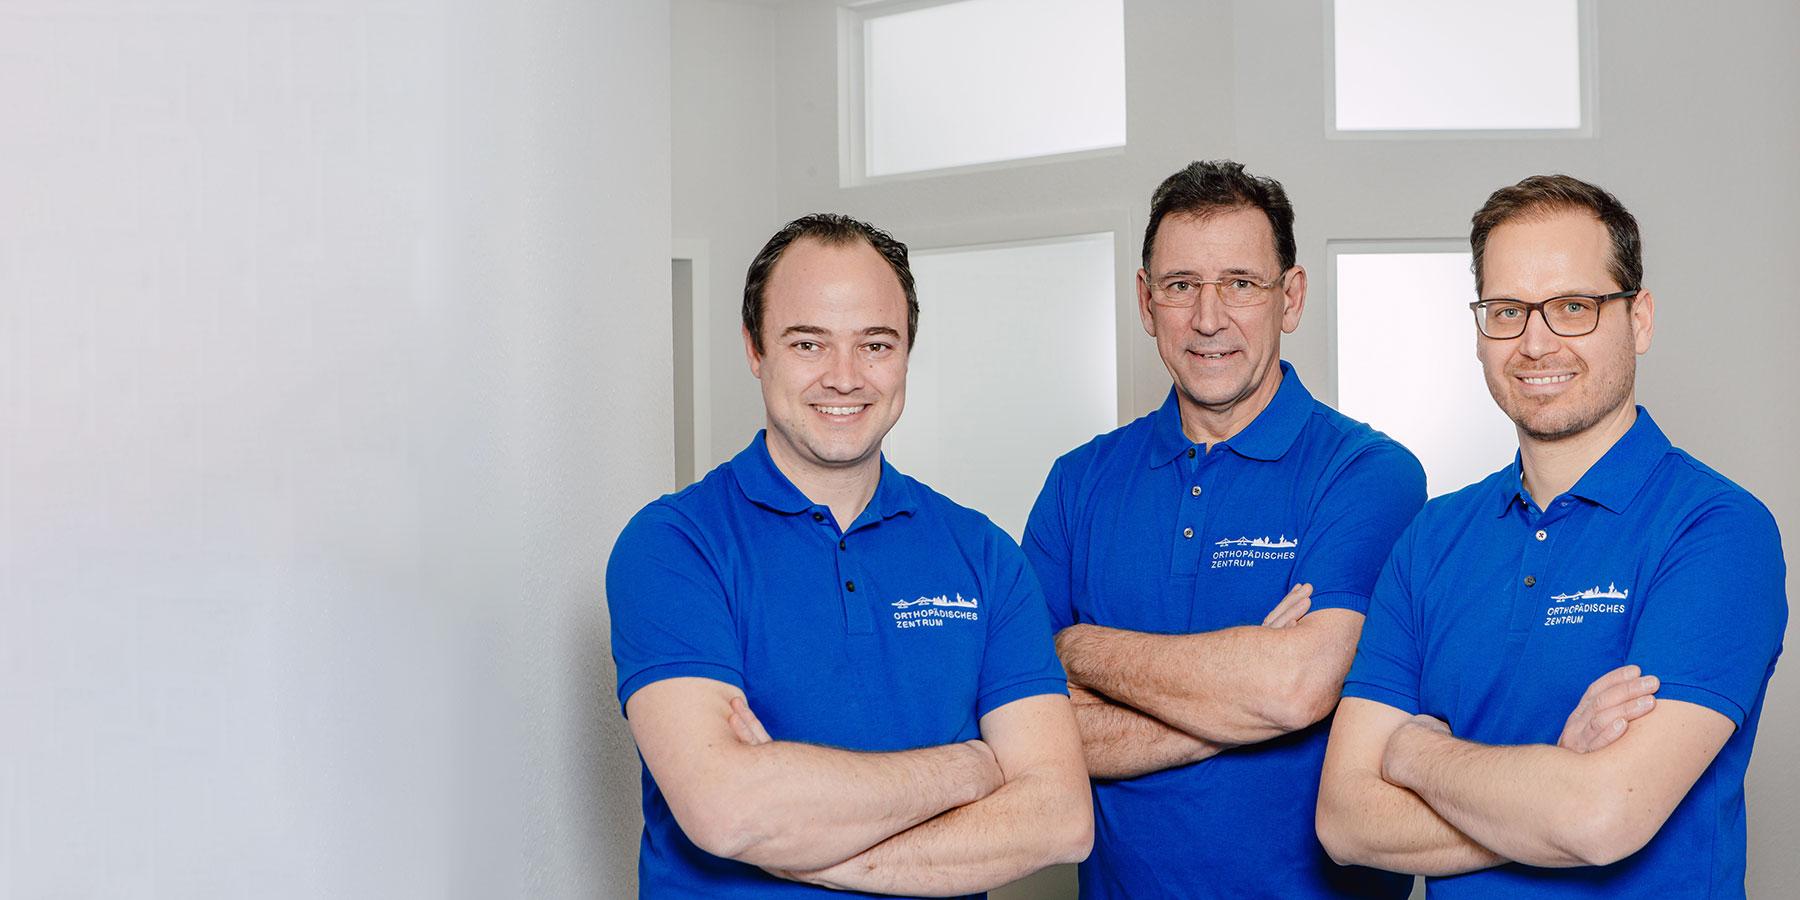 Orthopädisches Zentrum Krefeld - Fachärzte für Orthopädie & Unfallchirurgie